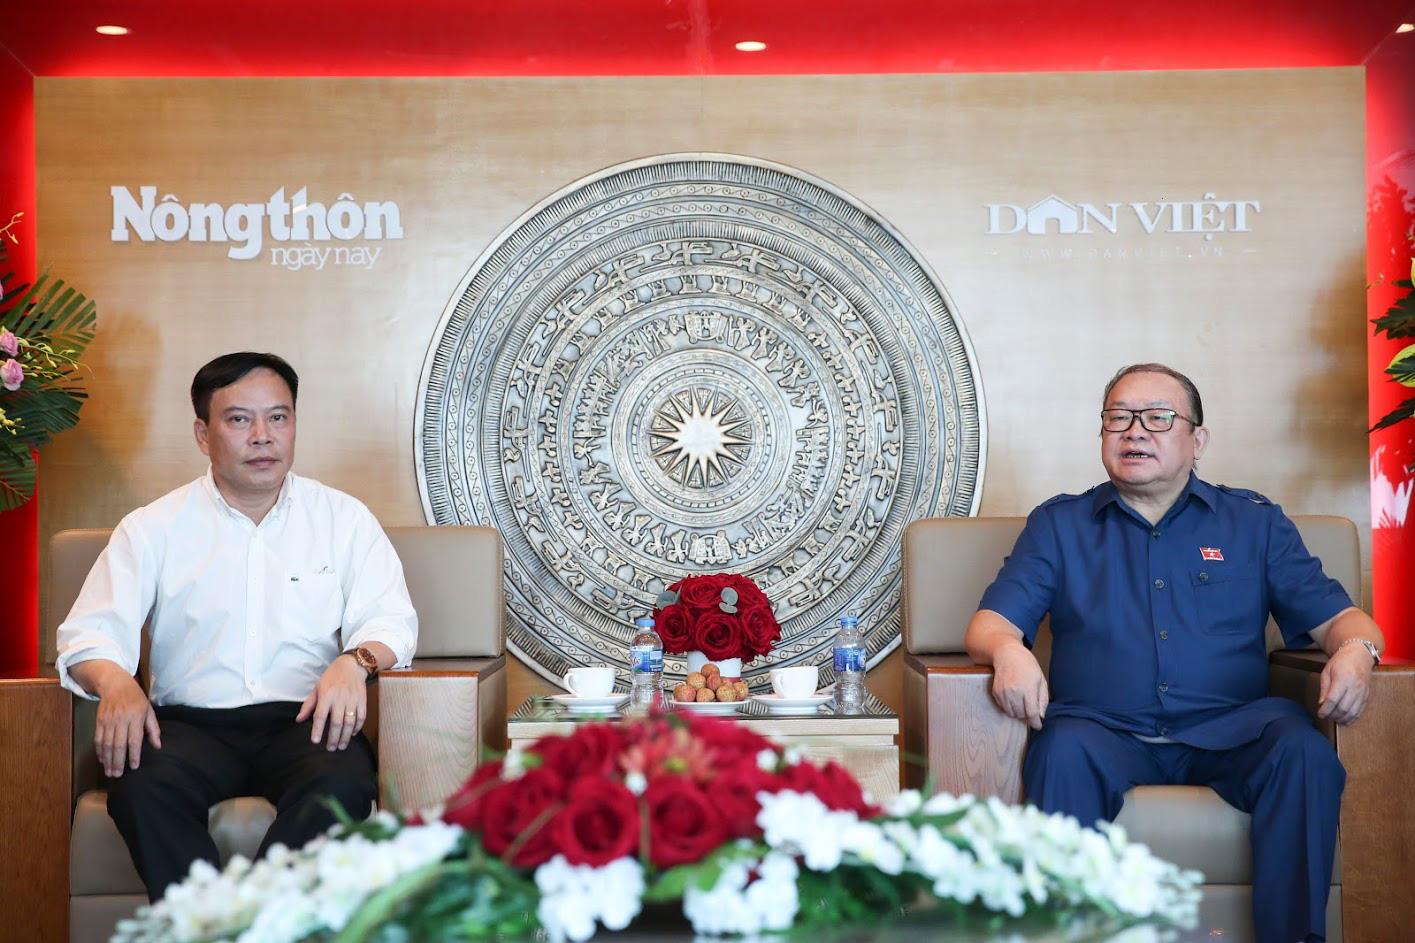 Chủ tịch Hội Nông dân Việt Nam ấn tượng với 1.001 cách làm giàu Dân Việt giới thiệu - Ảnh 1.